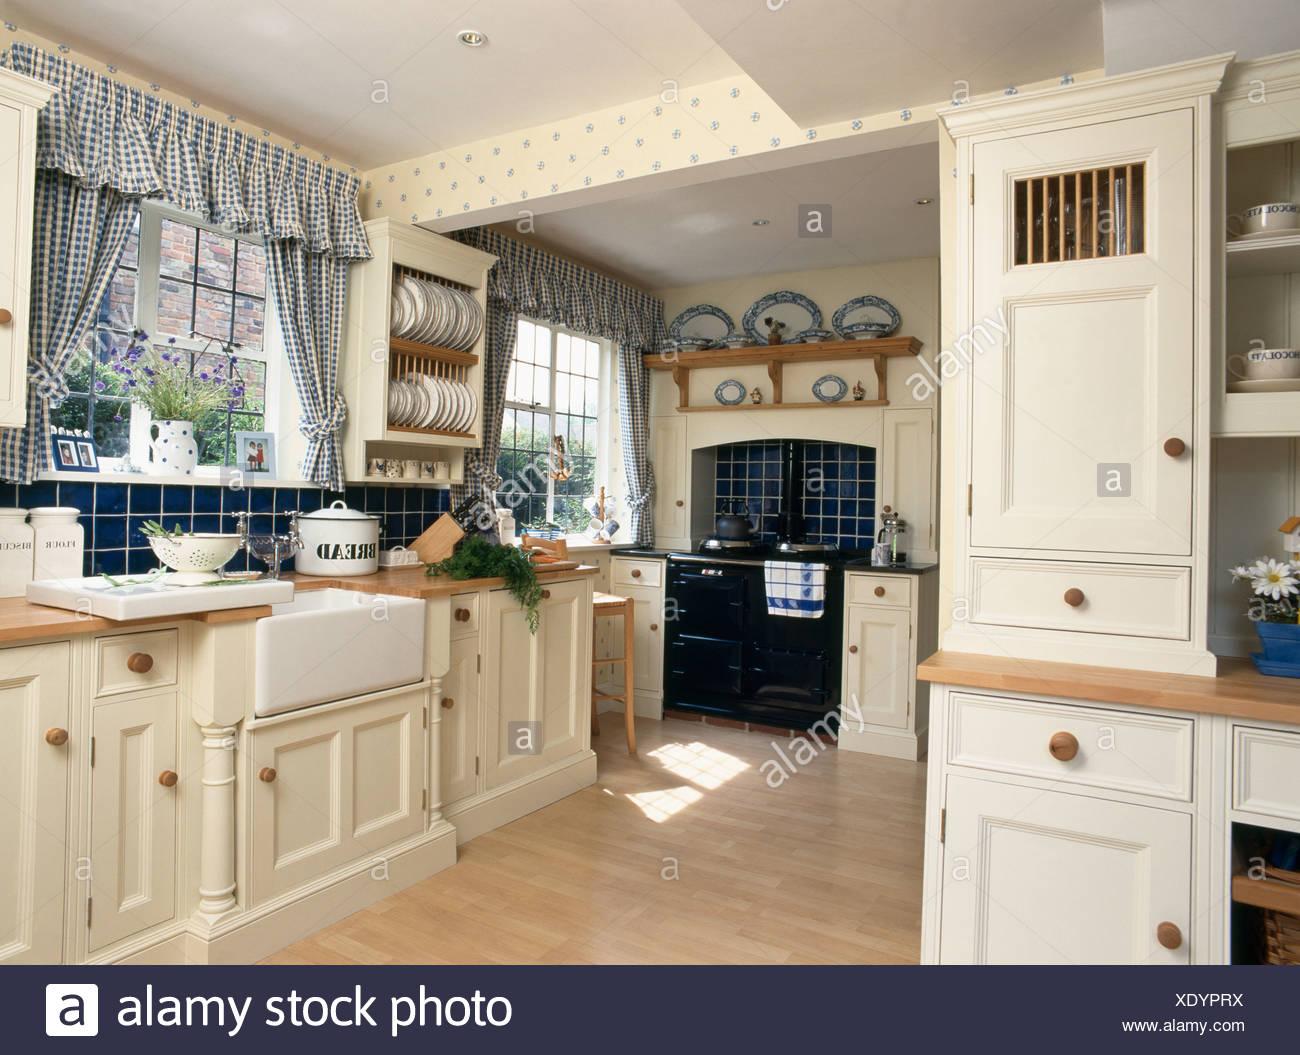 blaue aufgegebenes vorh nge am fenster im landhaus k che mit eingebauten creme einheiten und. Black Bedroom Furniture Sets. Home Design Ideas